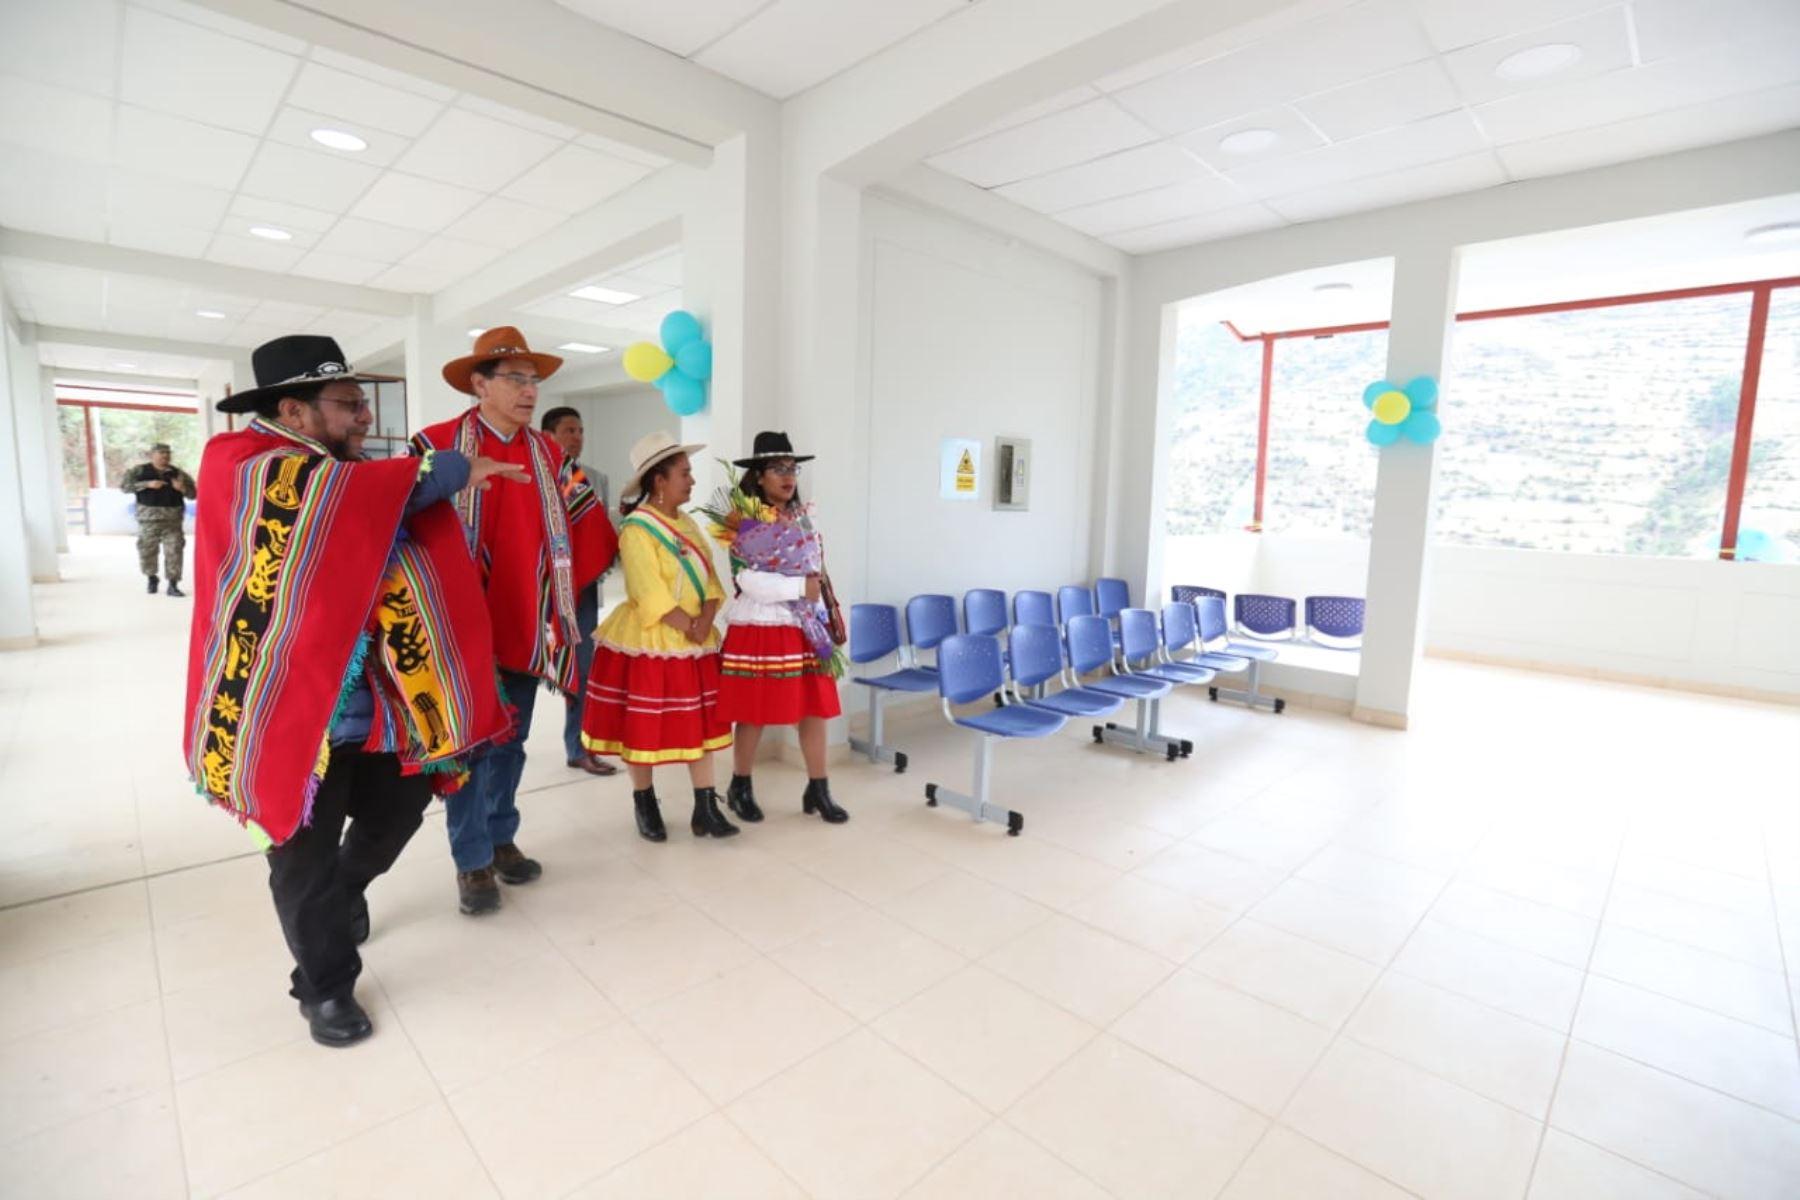 Presidente Martín Vizcarra inaugura terminal terrestre en Chuquibambilla, en provincia de Grau, región Apurímac.